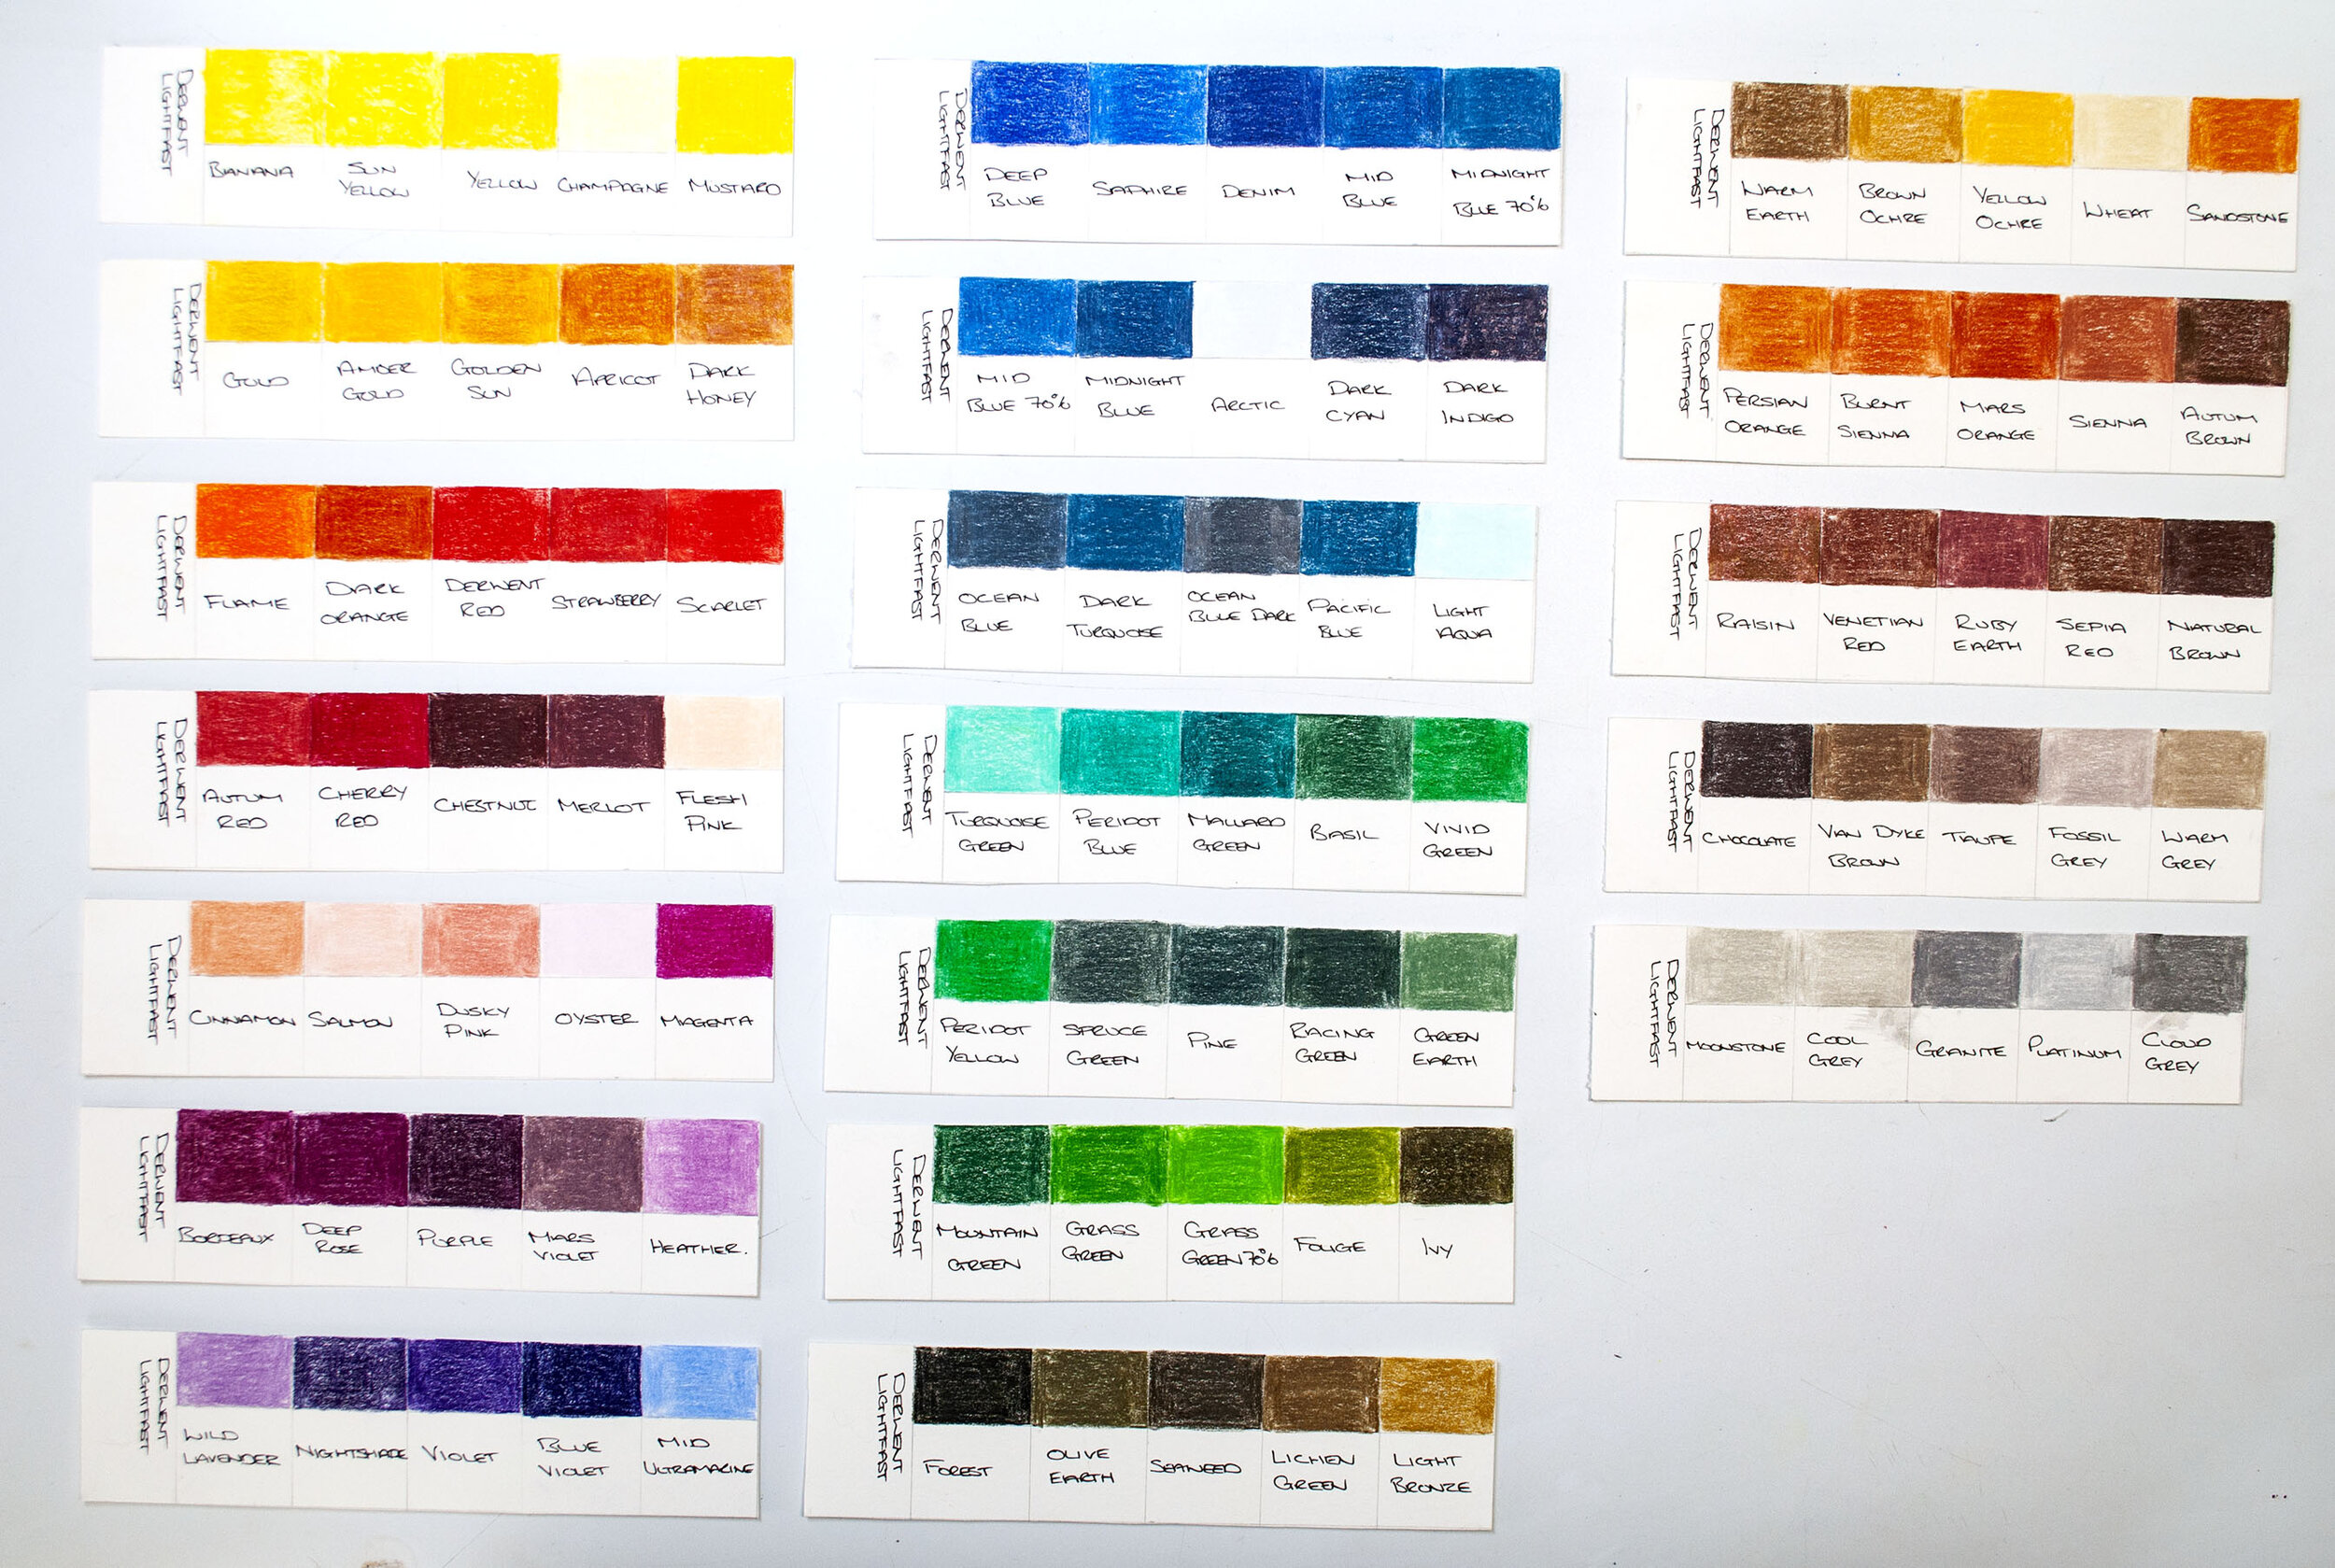 Full Derwent Lightfast Color Swatches.jpg